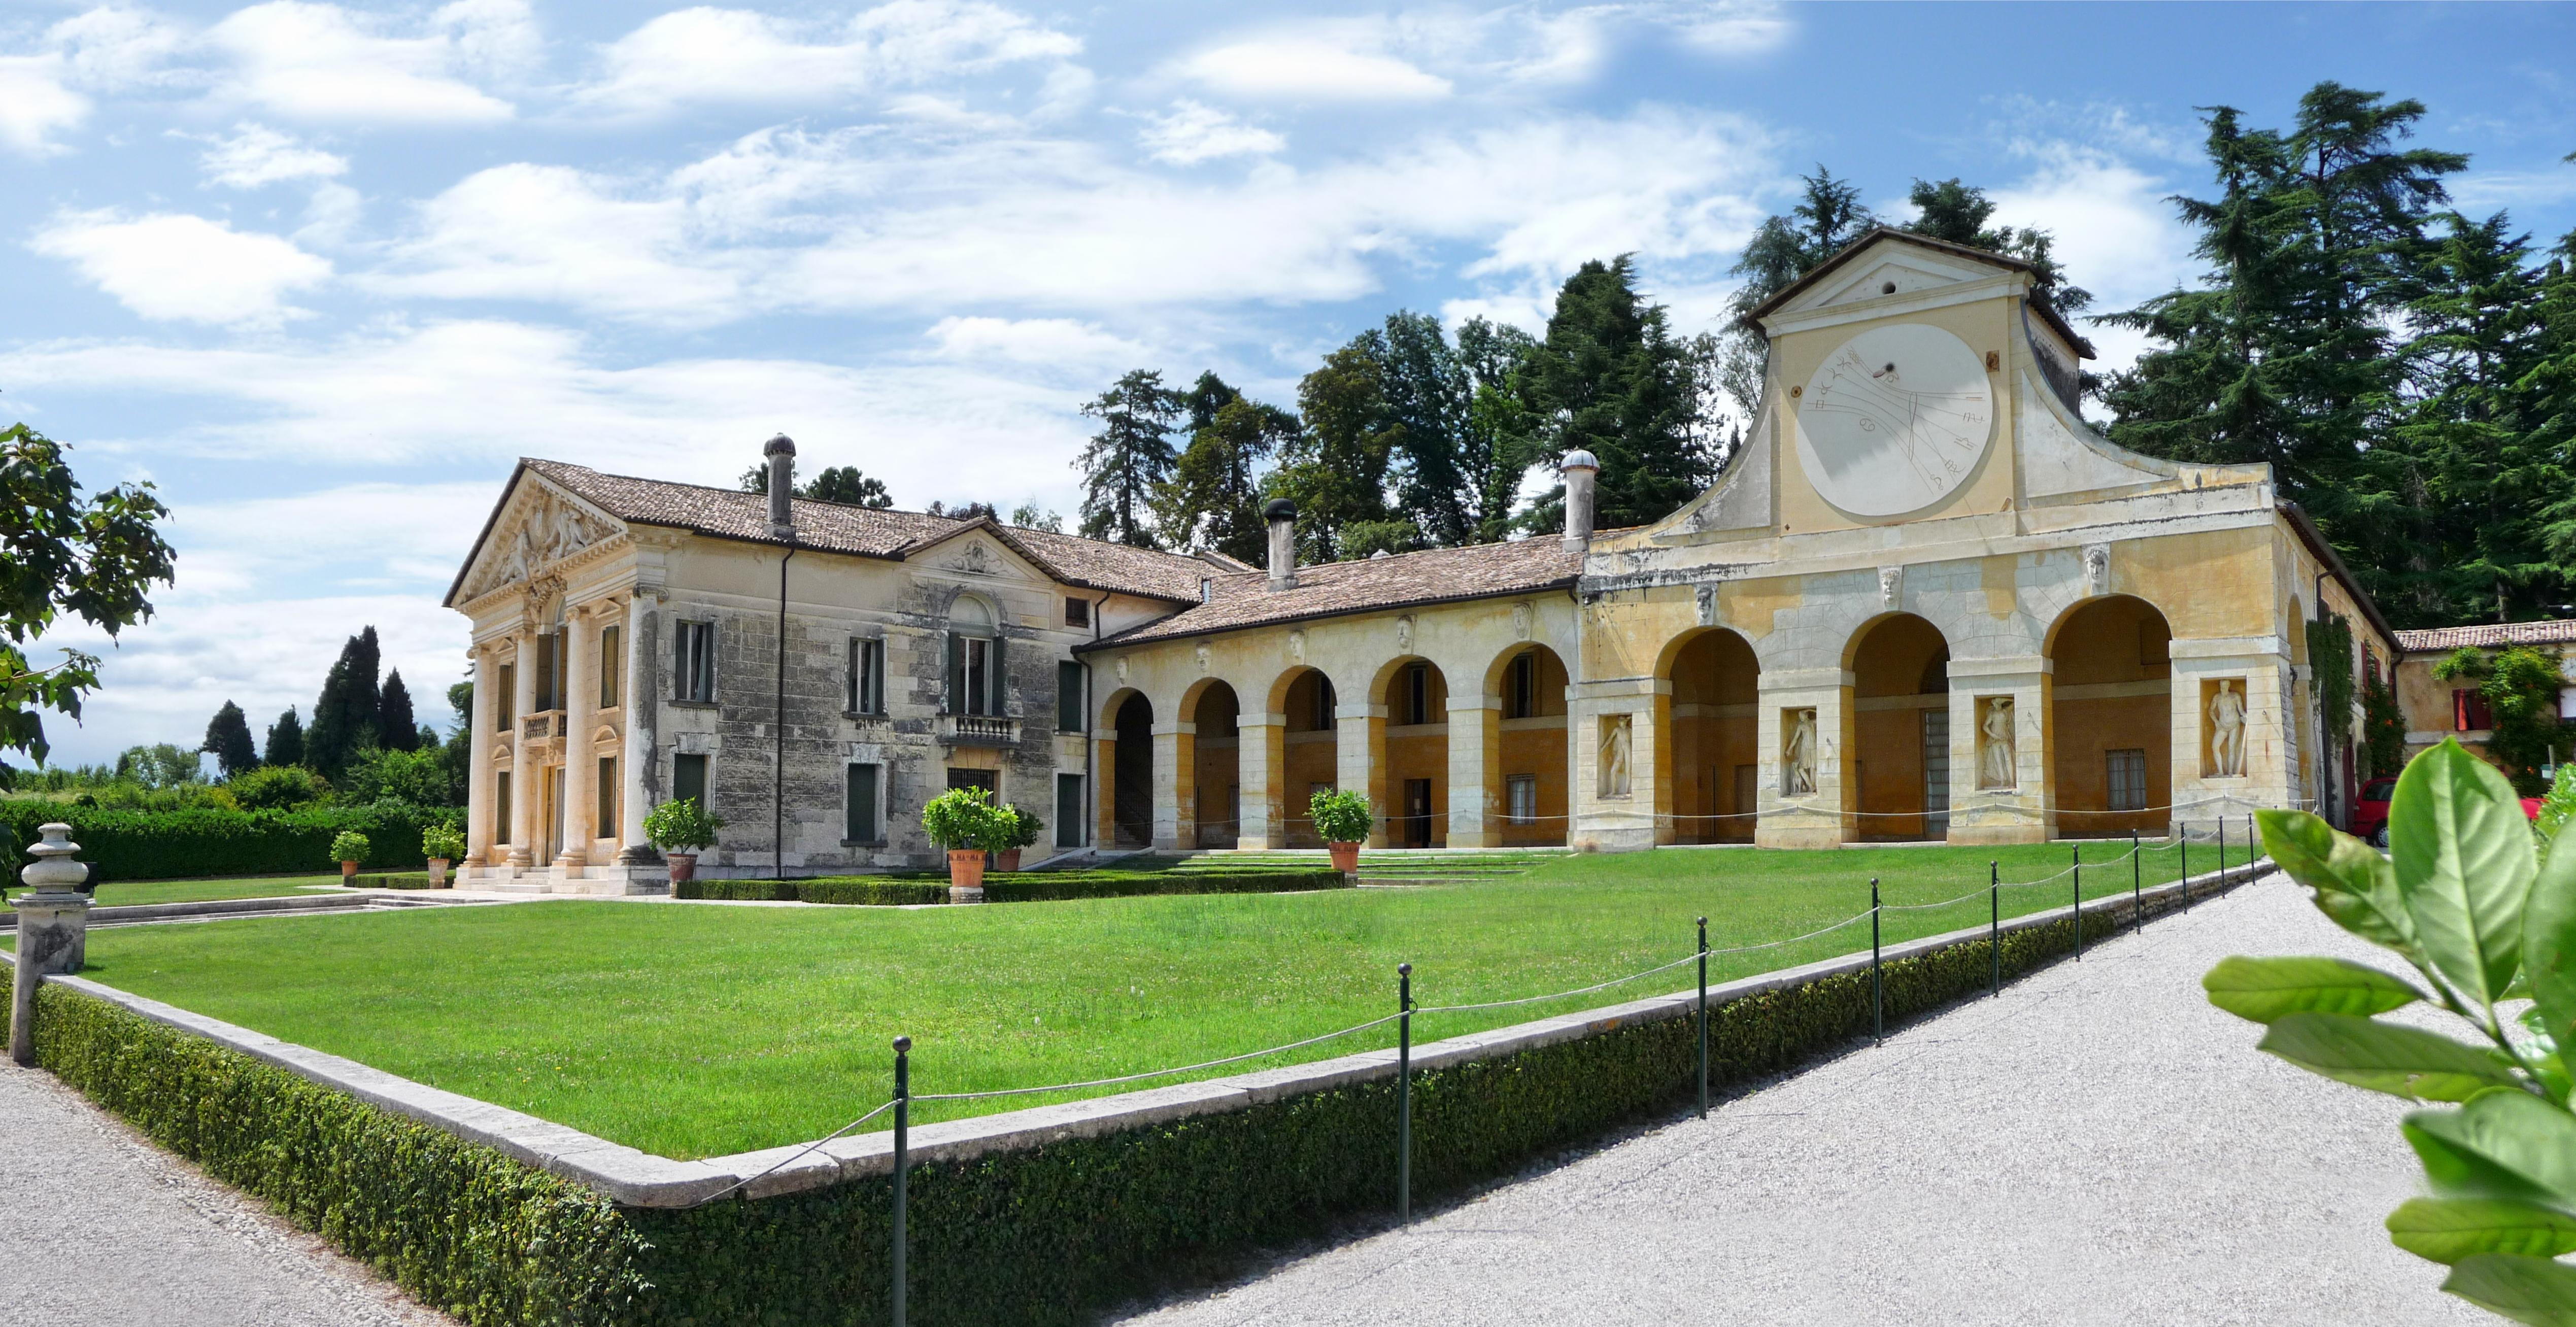 Villa Pisani Orari Di Apertura Domenica